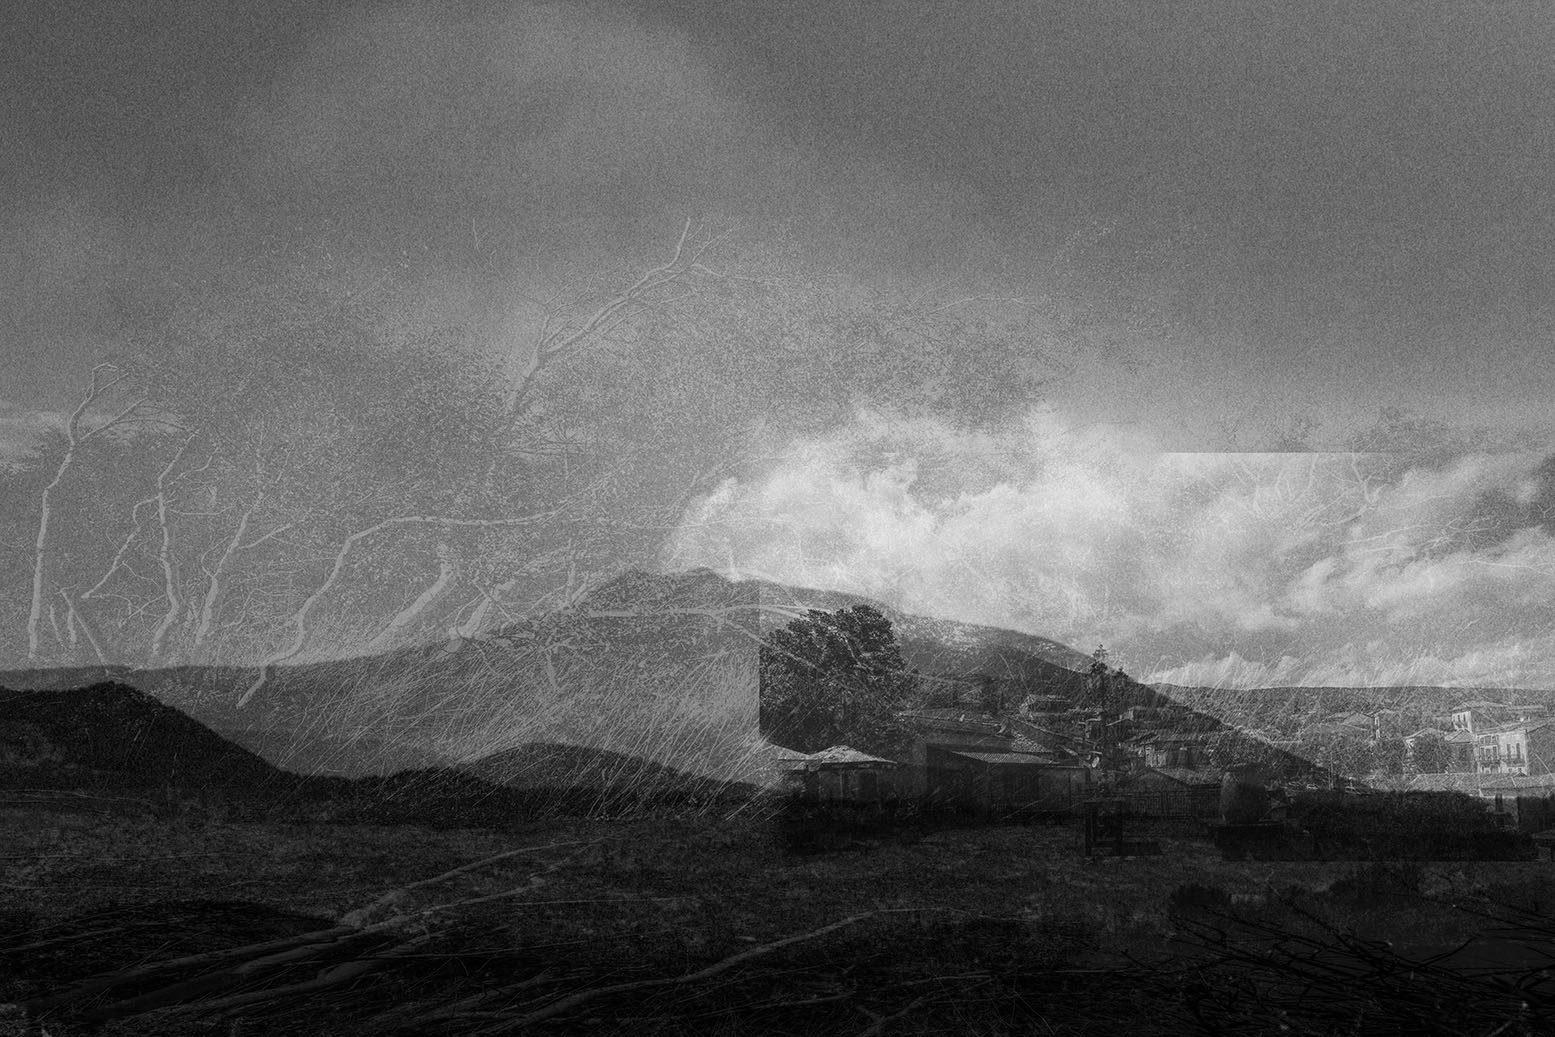 © Silvia Arecco